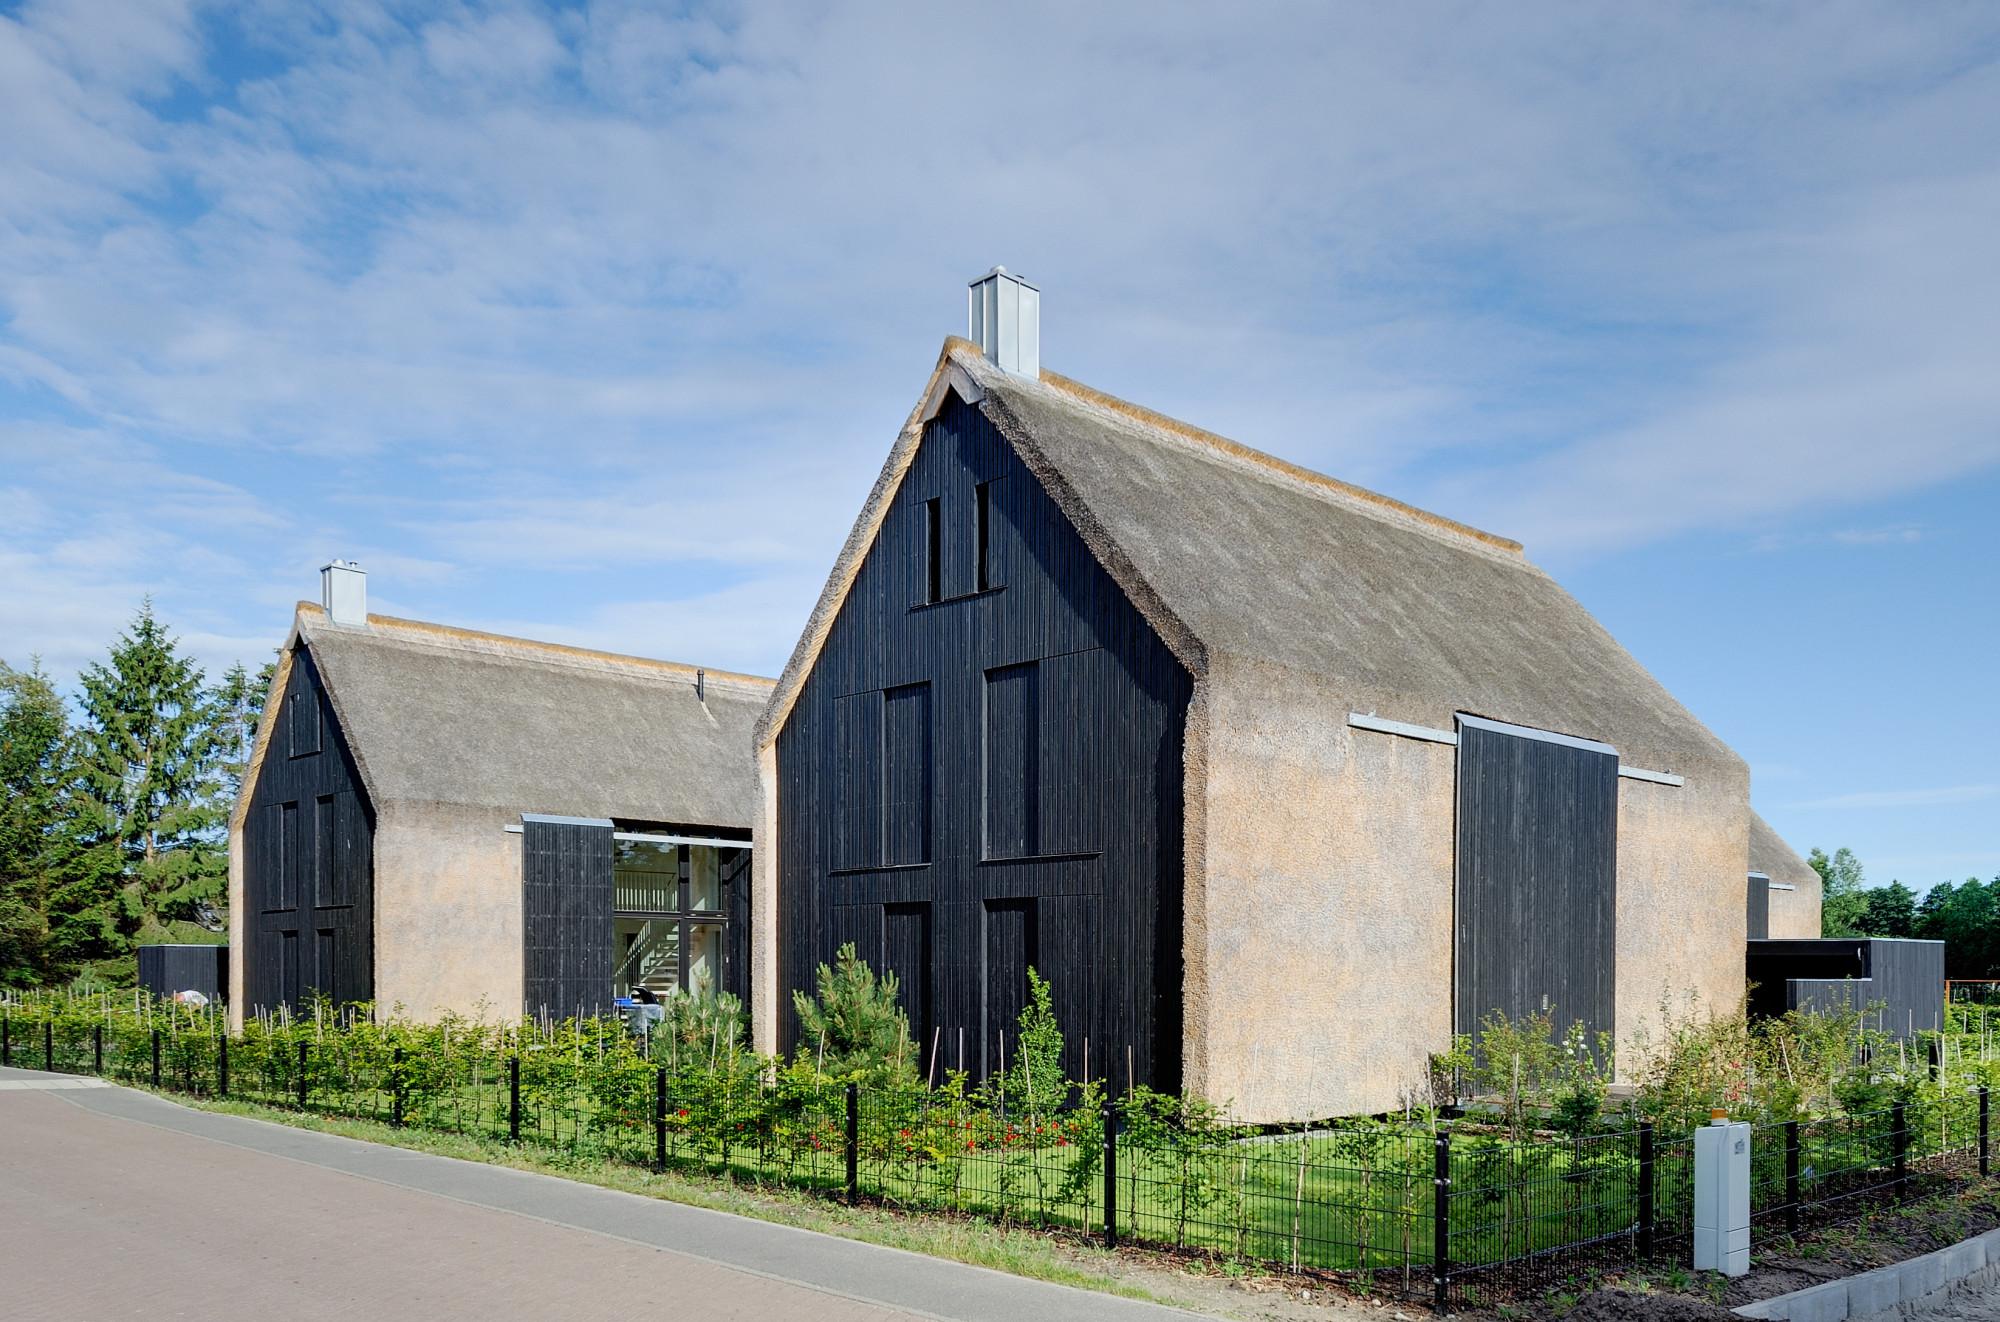 Architektur Ferienhäuser ferienhäuser scheunentrio in prerow nachhaltig bauen wohnen